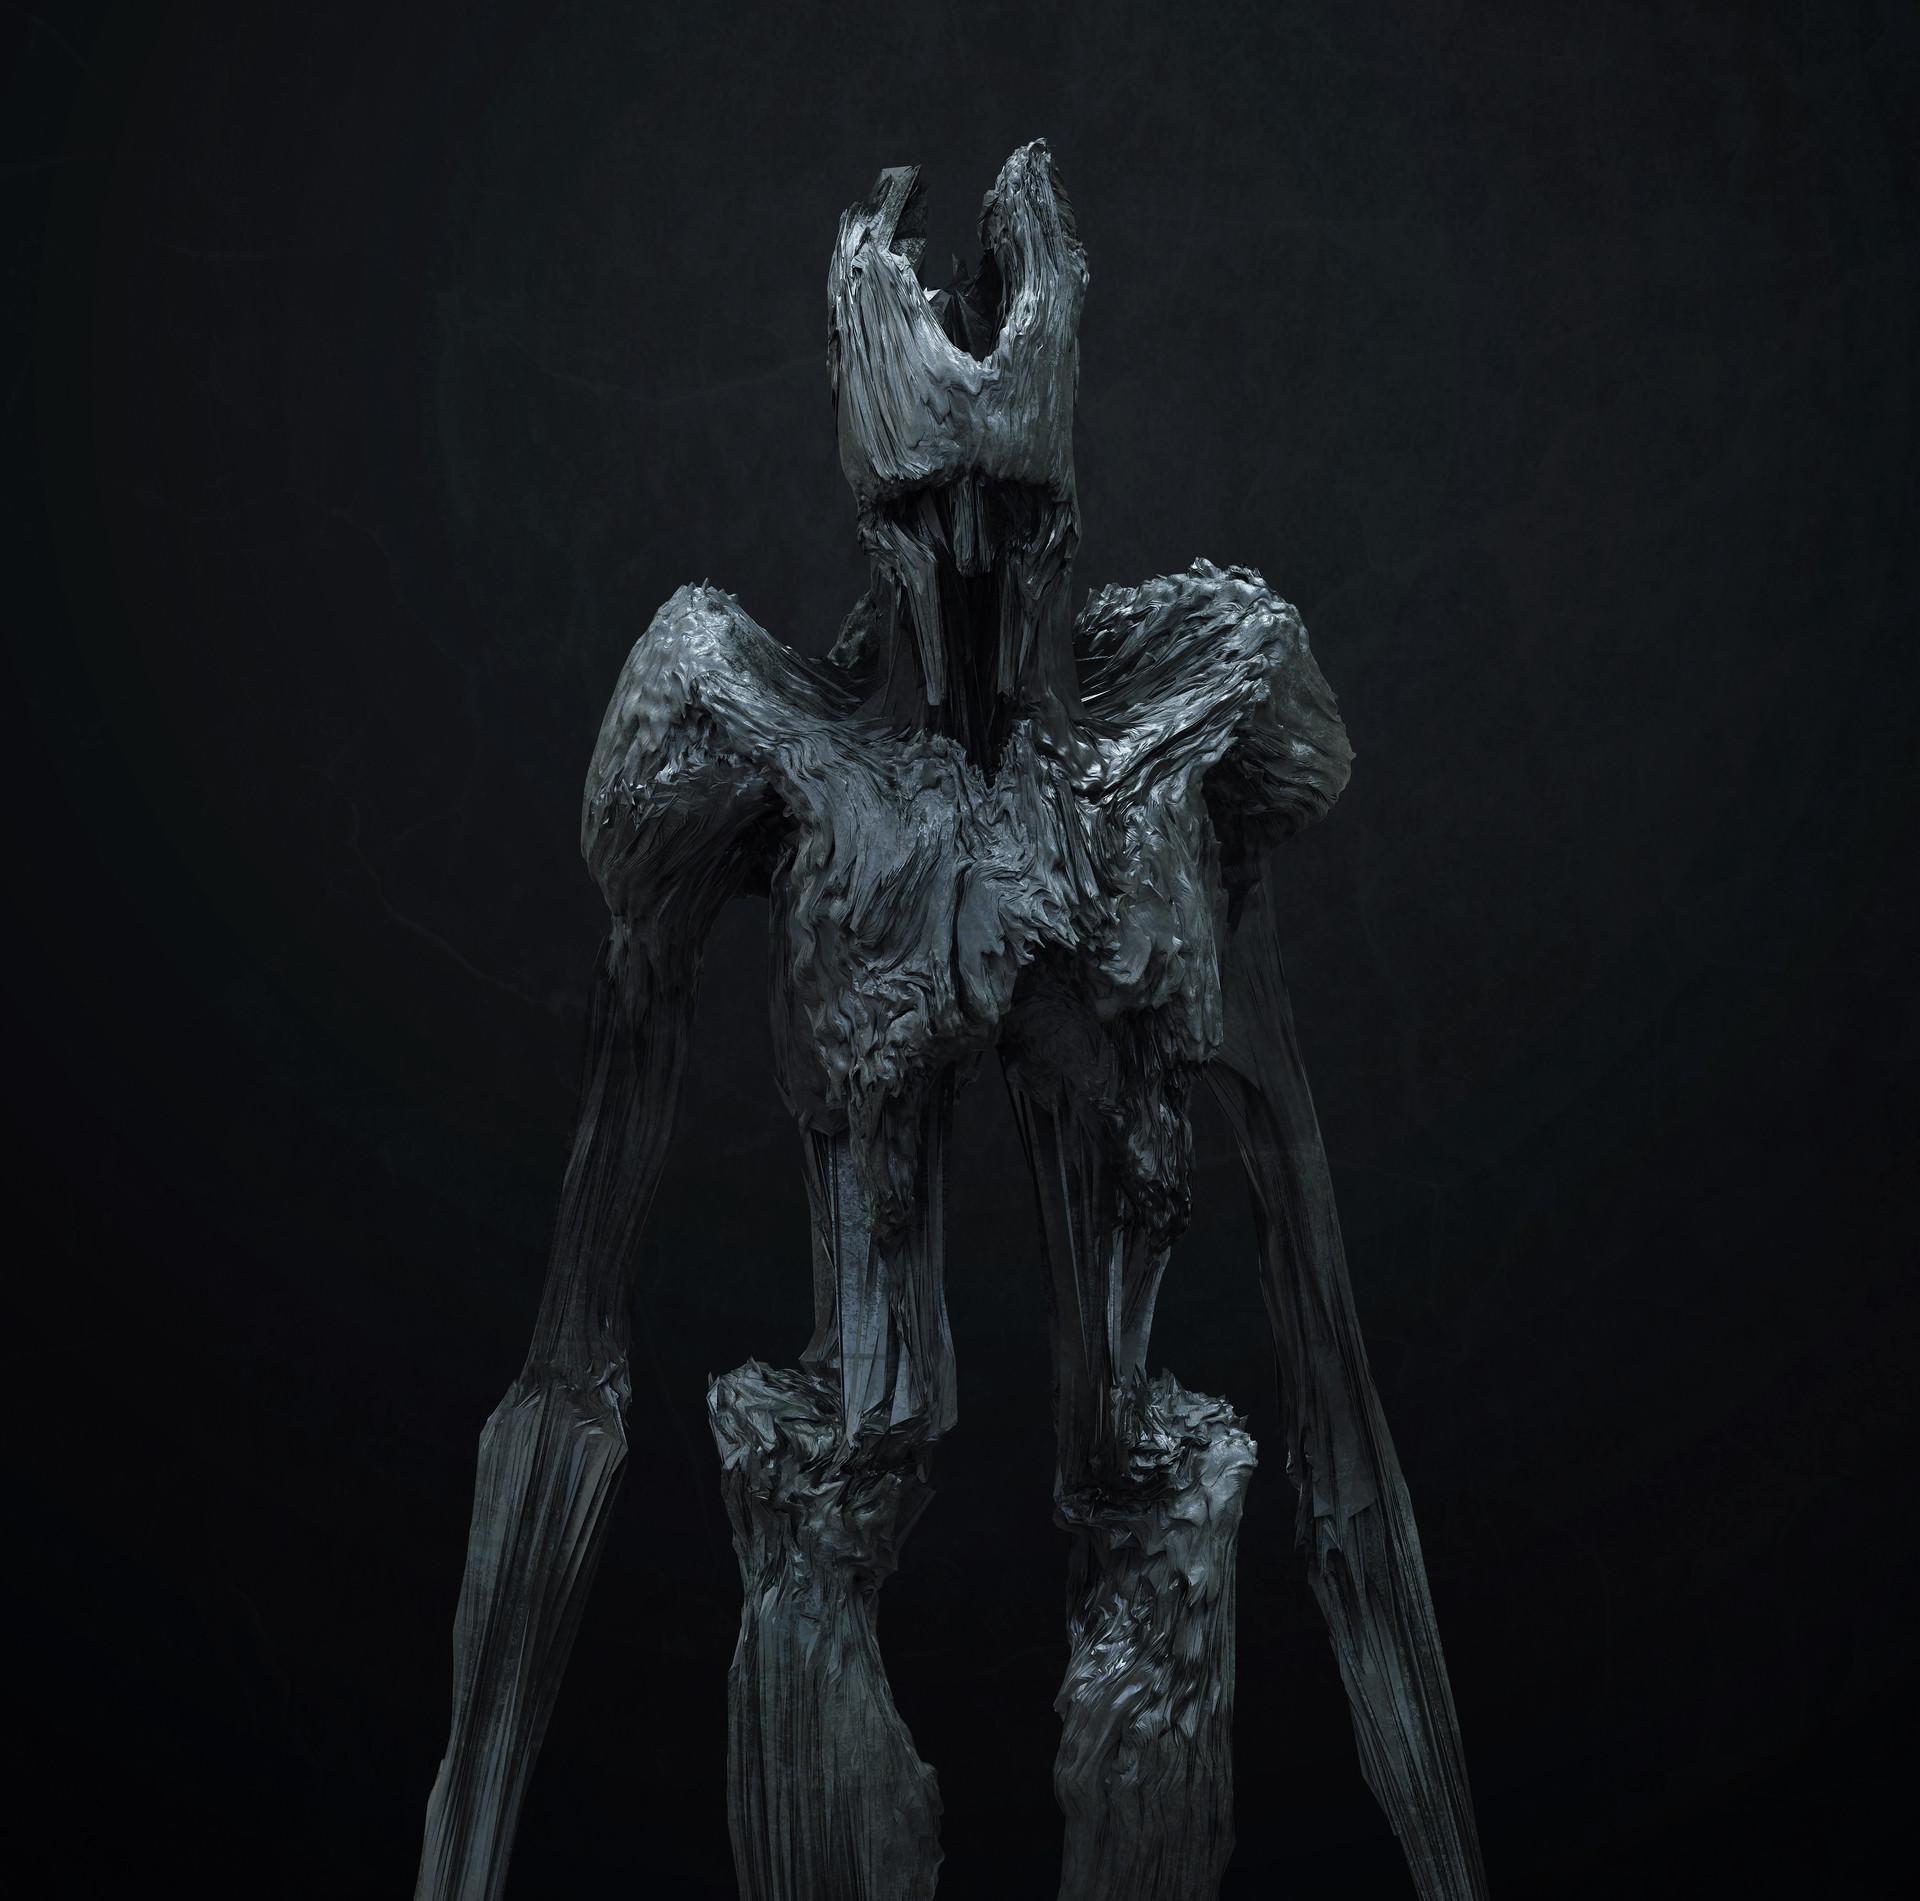 Elias ravanetti shadowsml